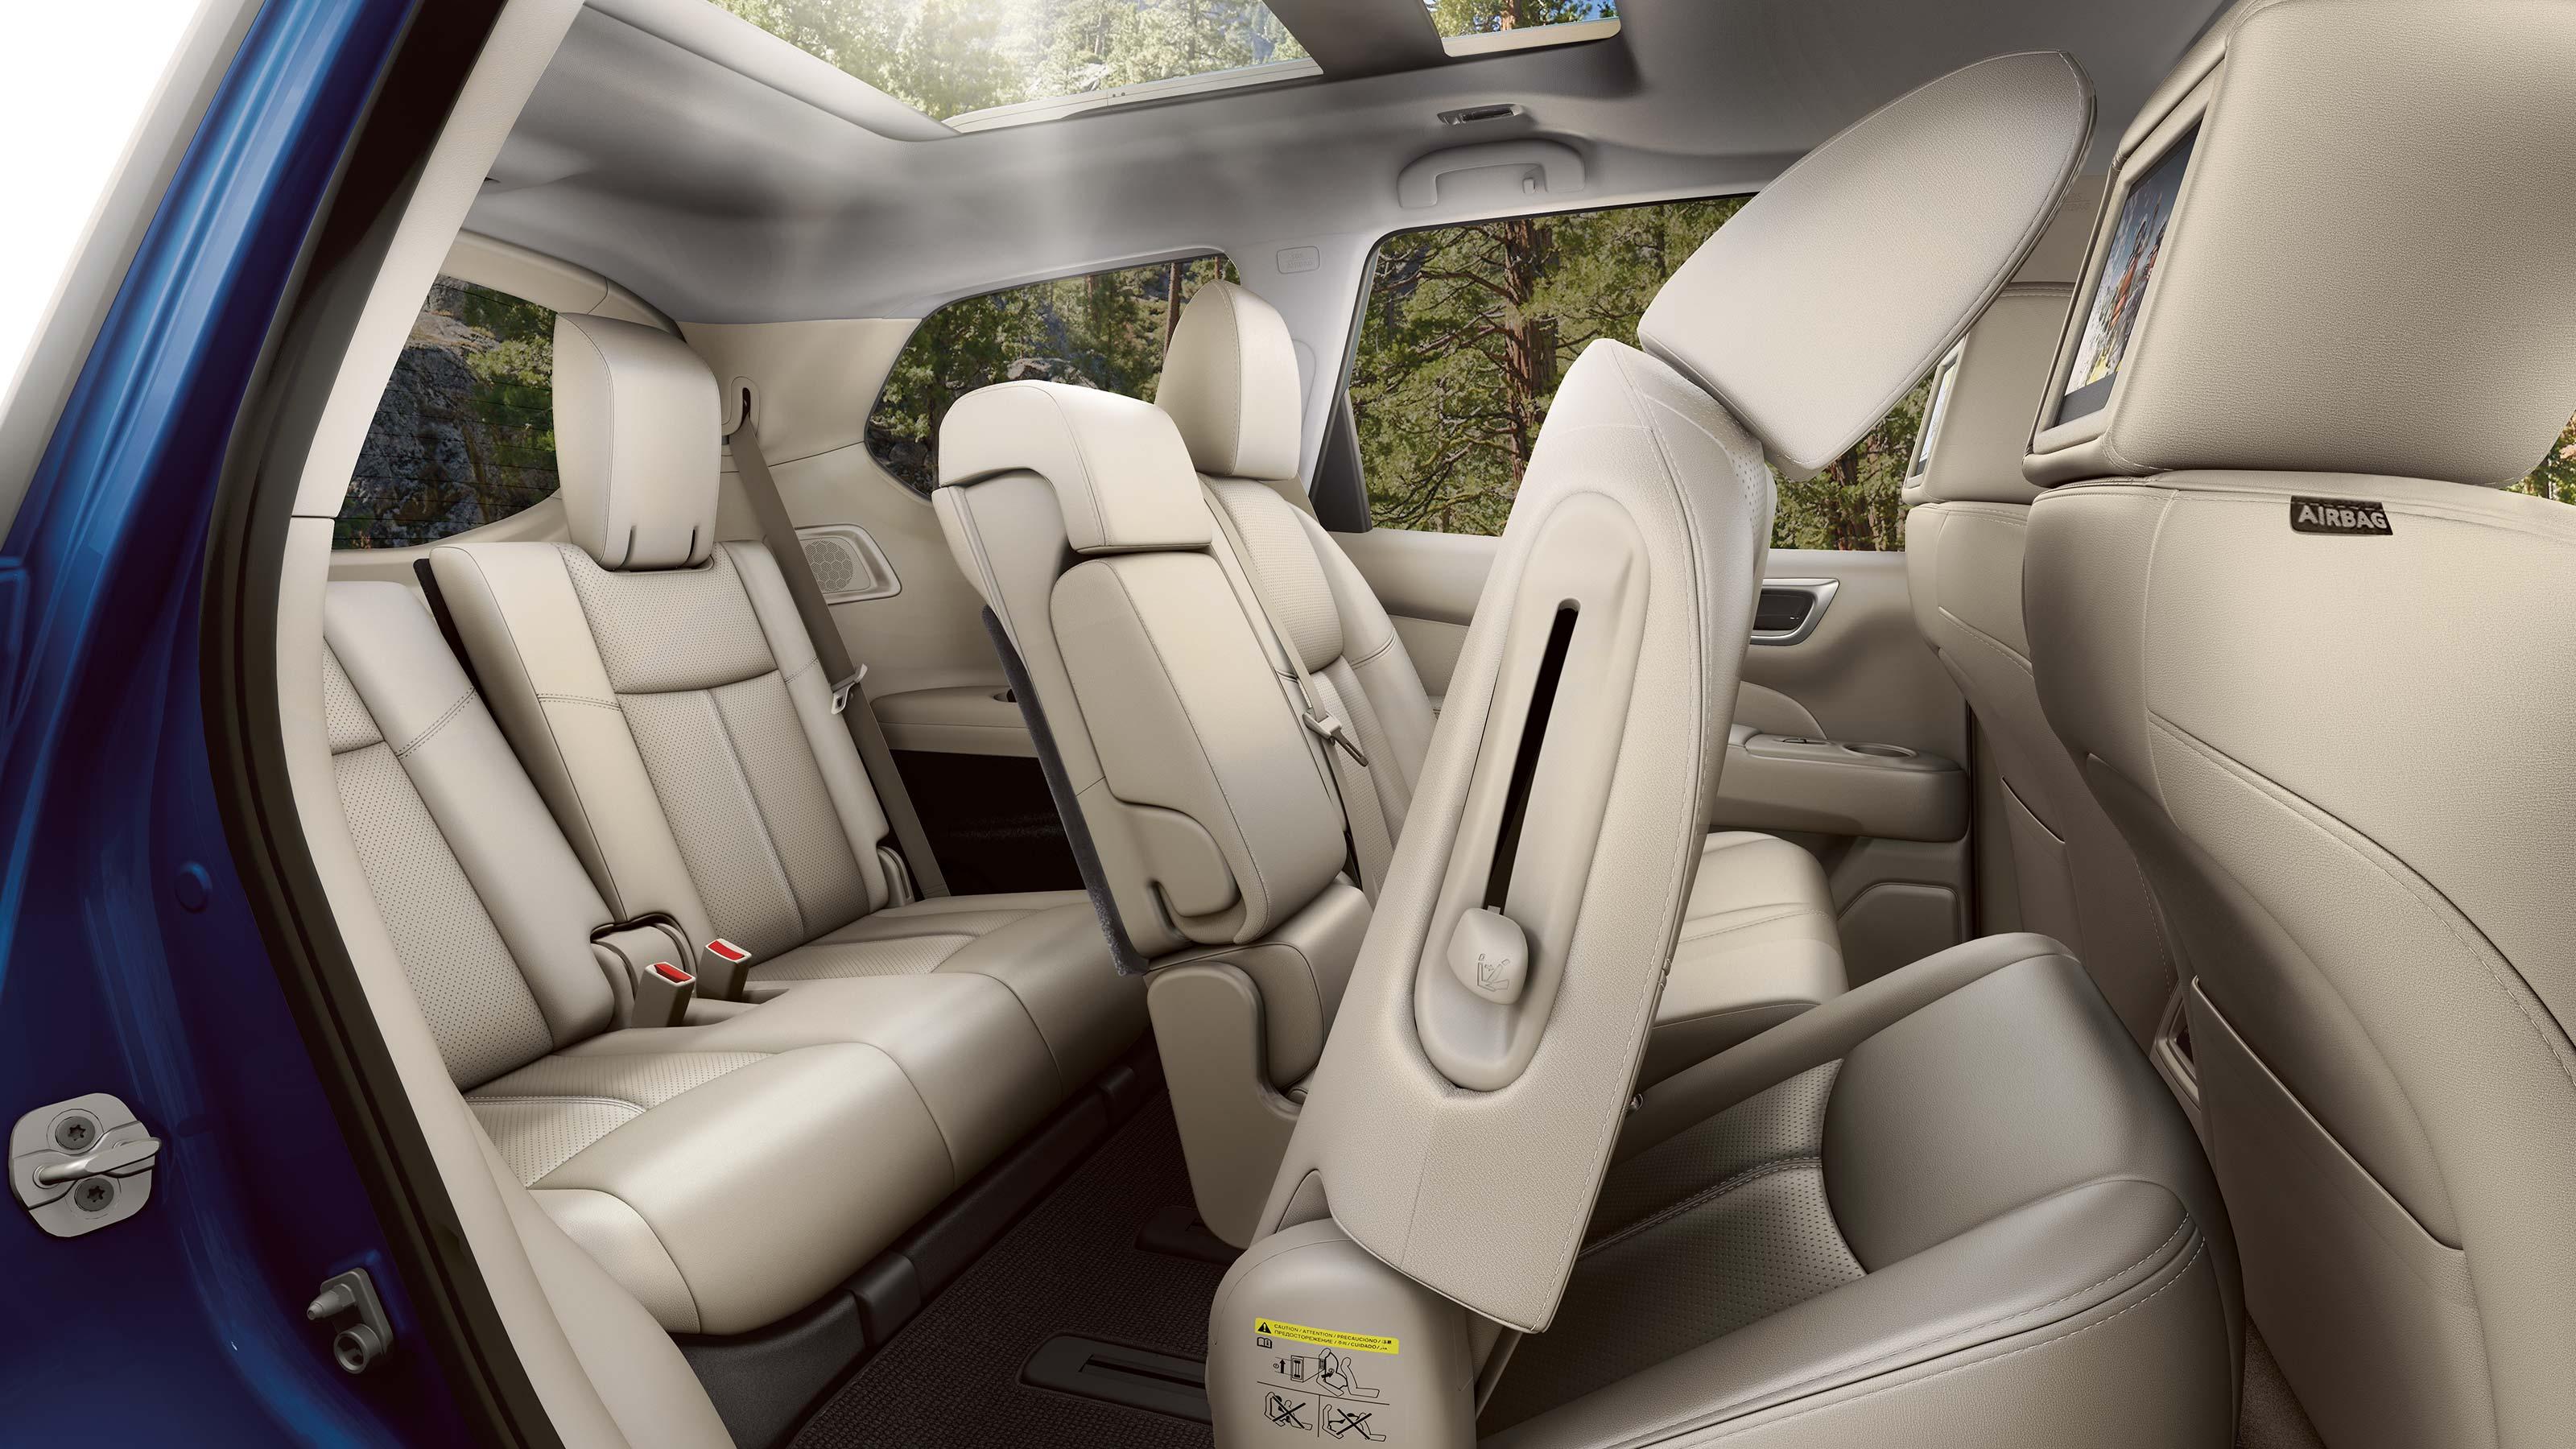 2020 Nissan Pathfinder EZ Flex Seating System